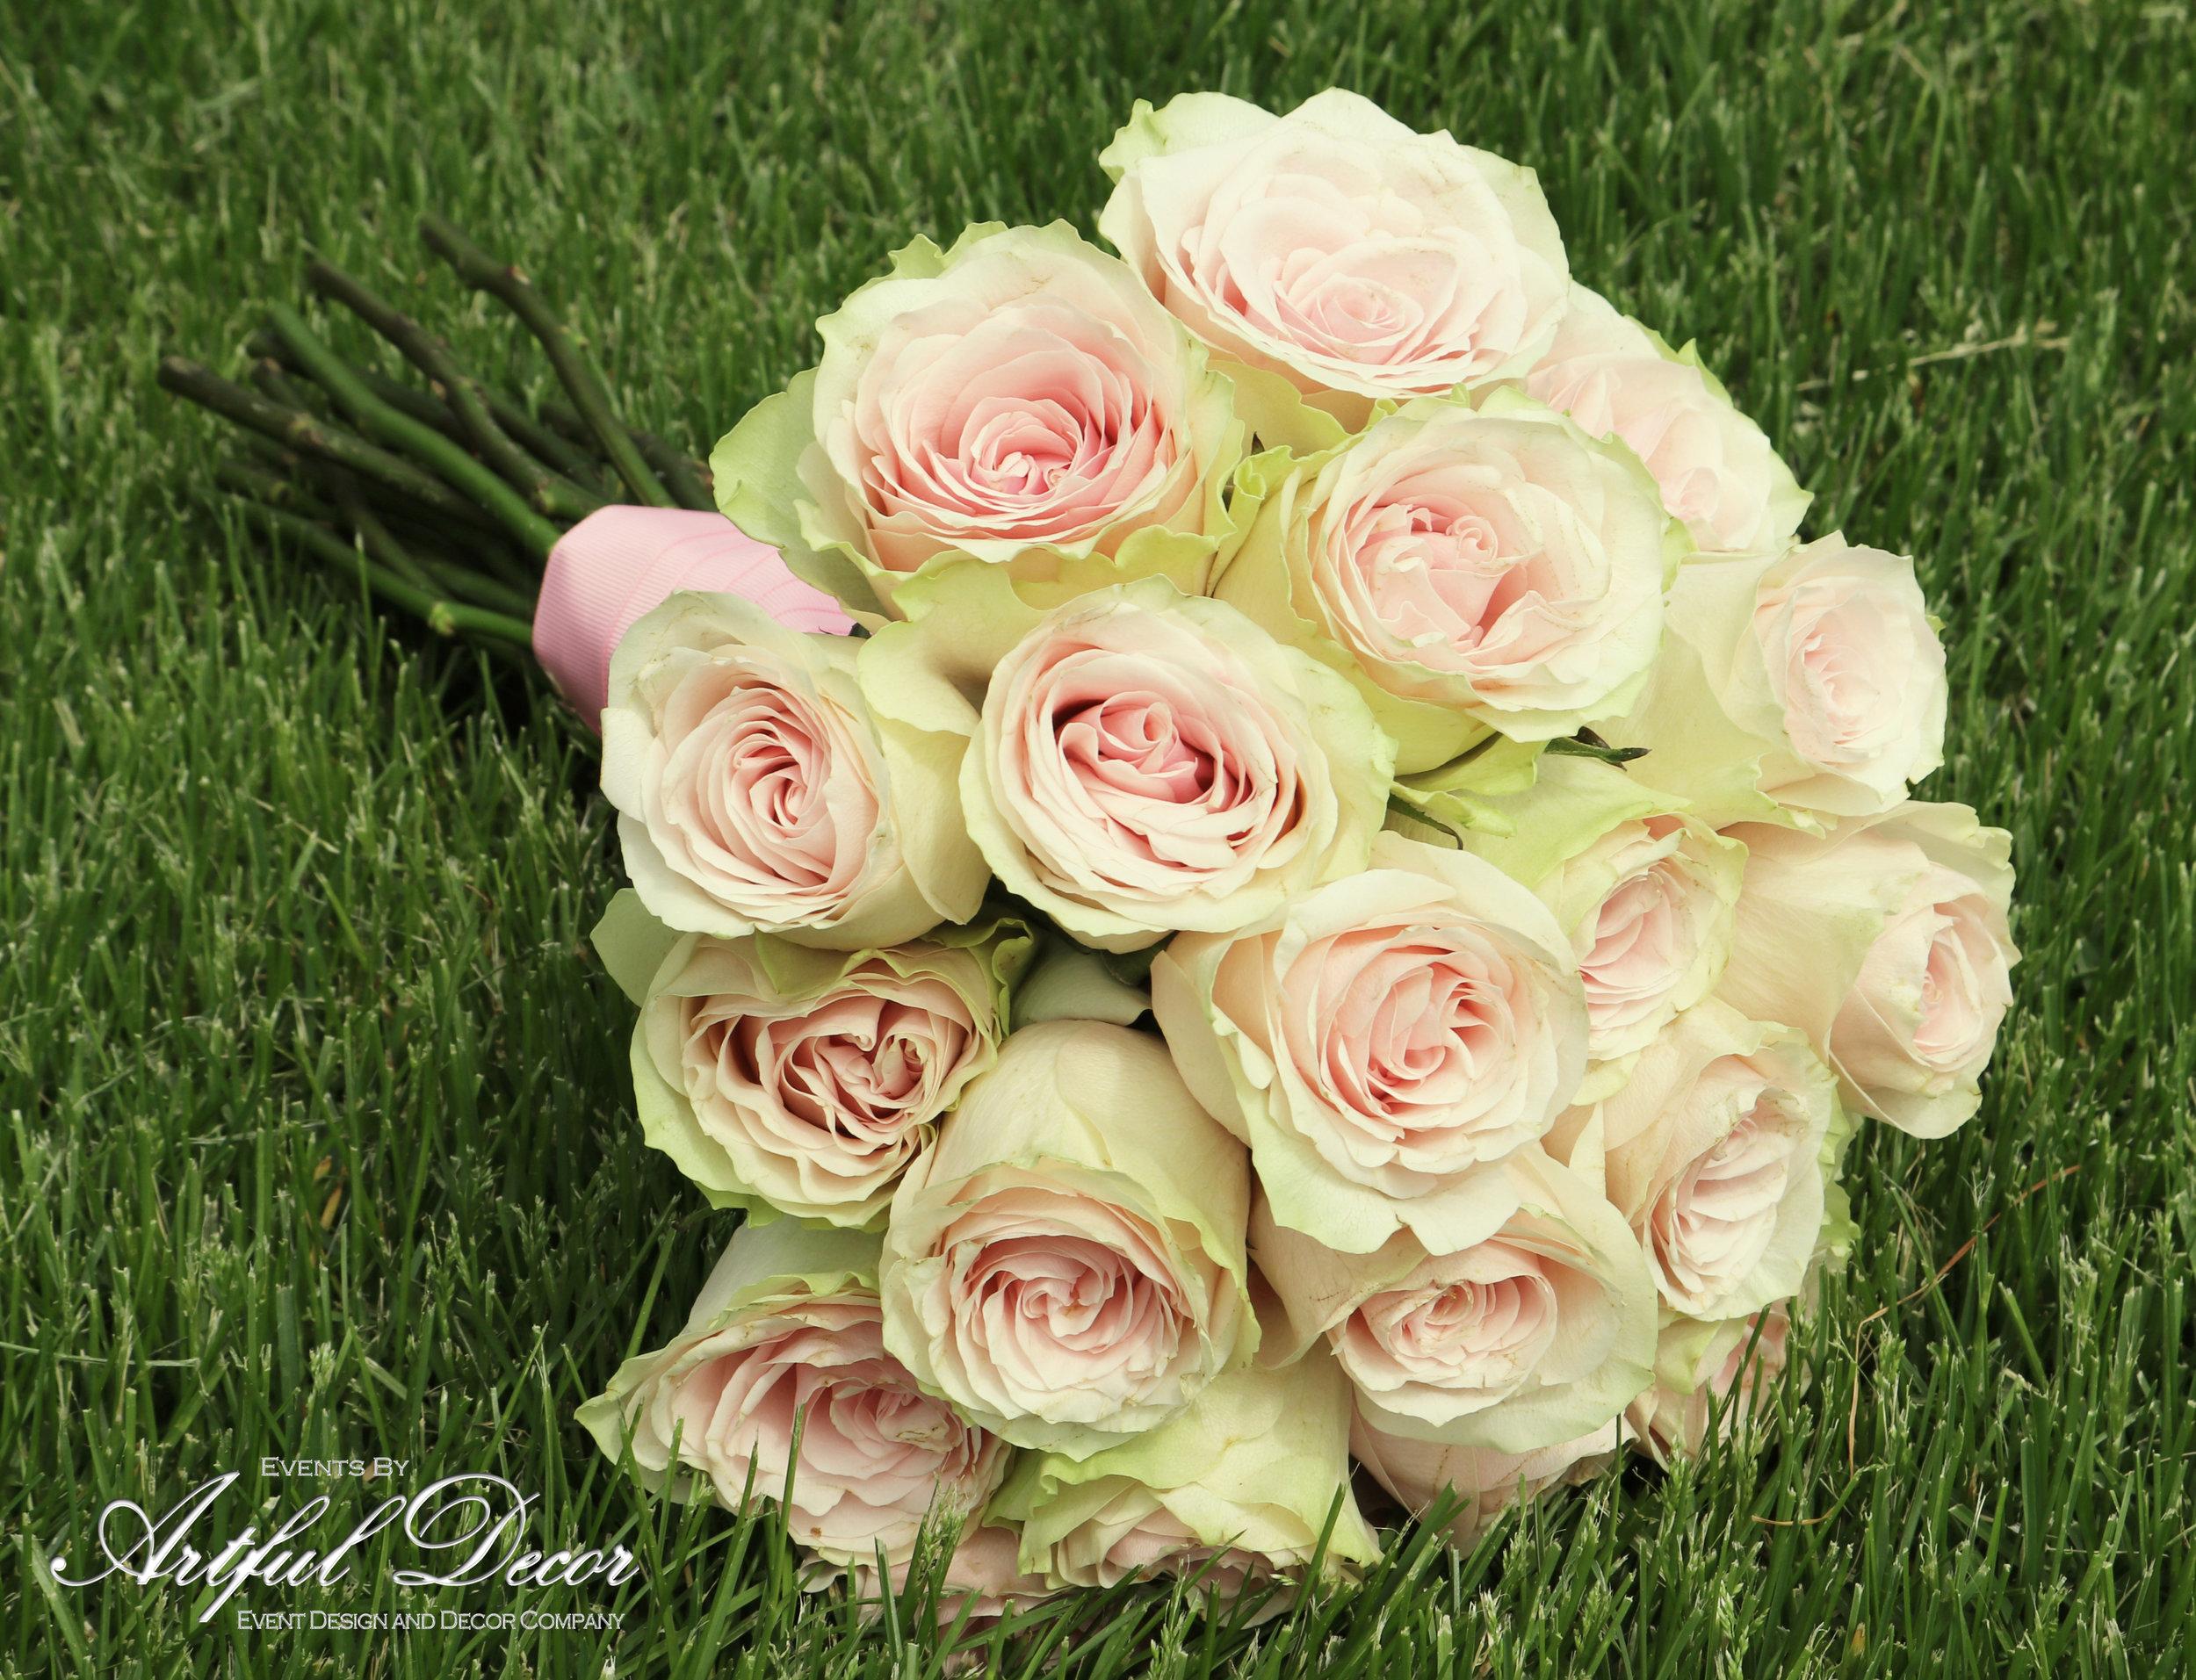 Bouquet 9 Copyright.jpg